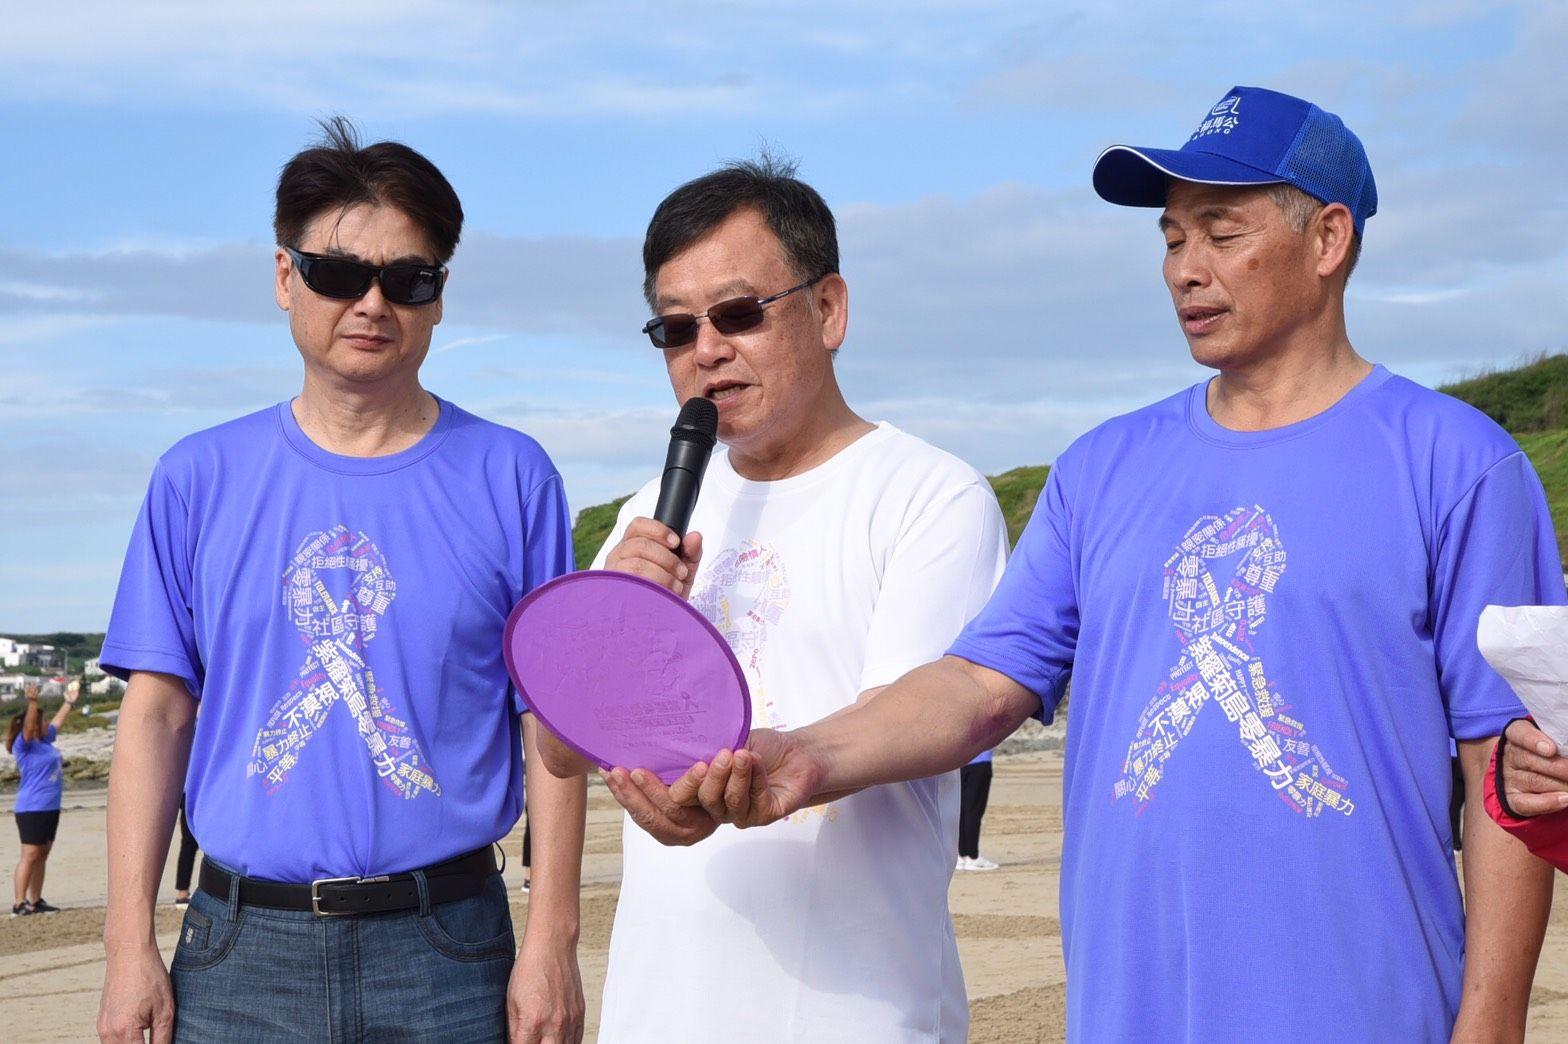 縣長賴峰偉帶領所有人員宣示「防暴紫絲帶誓言」